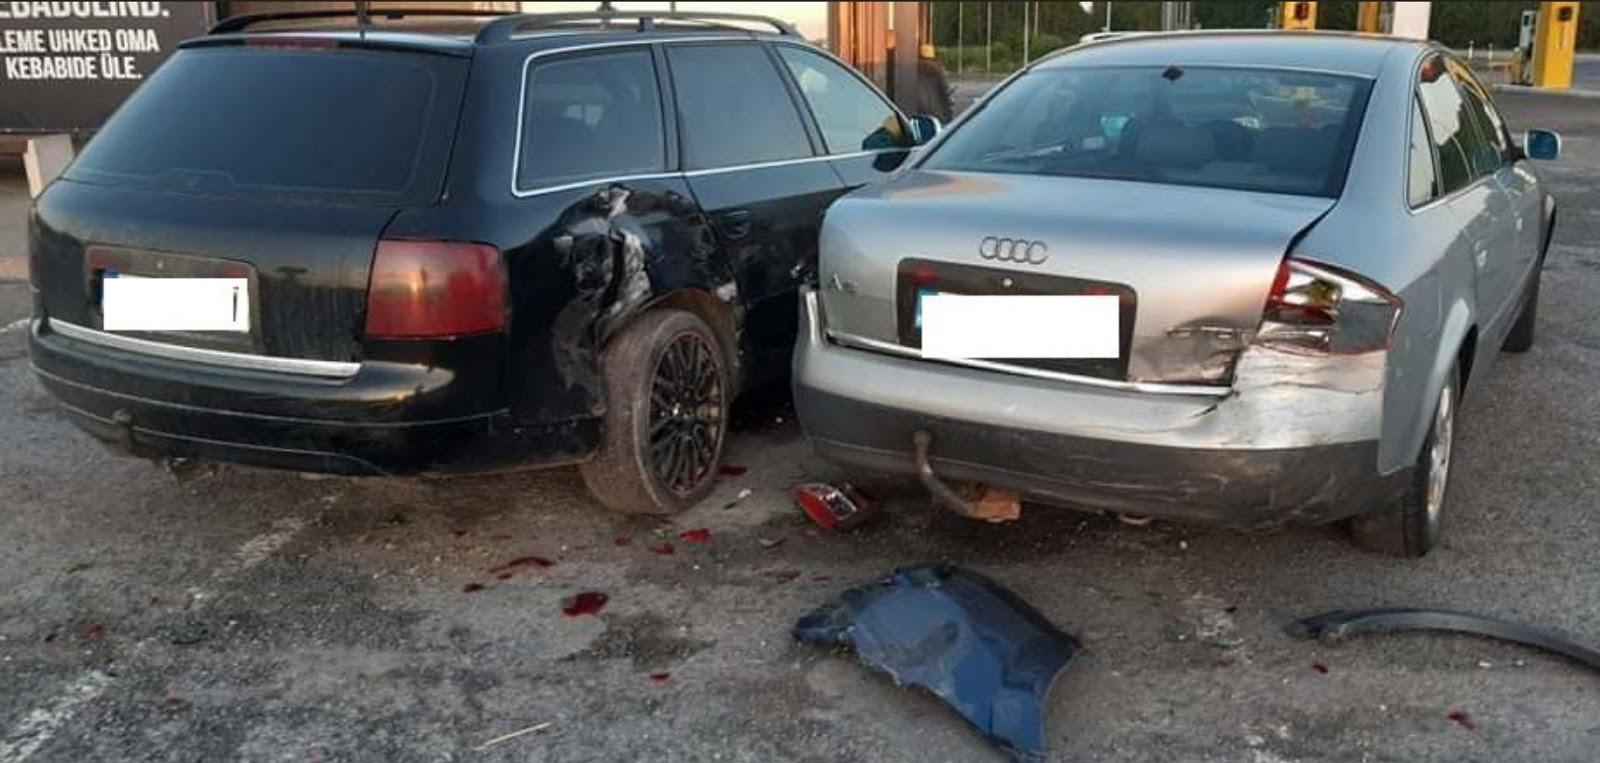 Sadauzītās avārijā mašīnas